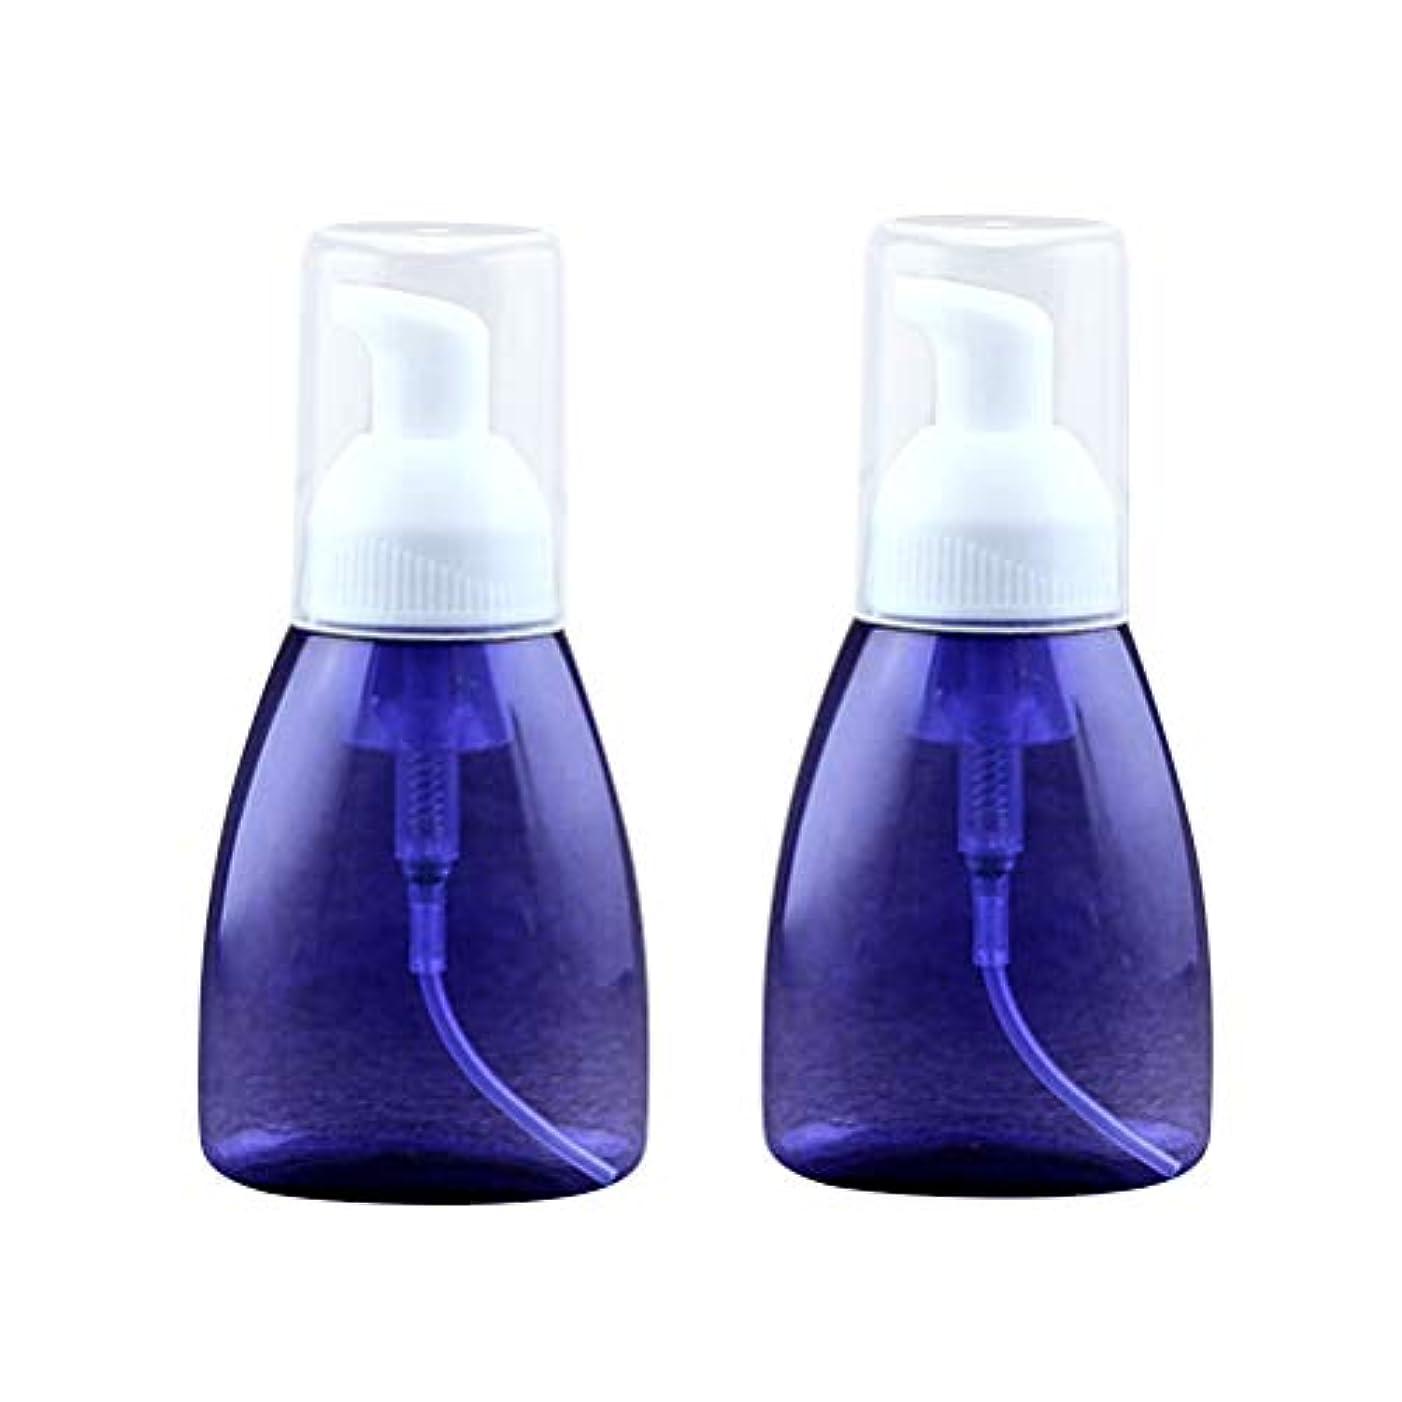 陽気なマニアック平日SUPVOX 2本発泡ソープディスペンサー詰め替え式プラスチックローションボトル泡ハンドポンプ空のボトル容器クリアトラベルトイレタリーボトル用液体シャンプー80ml(ブルー)